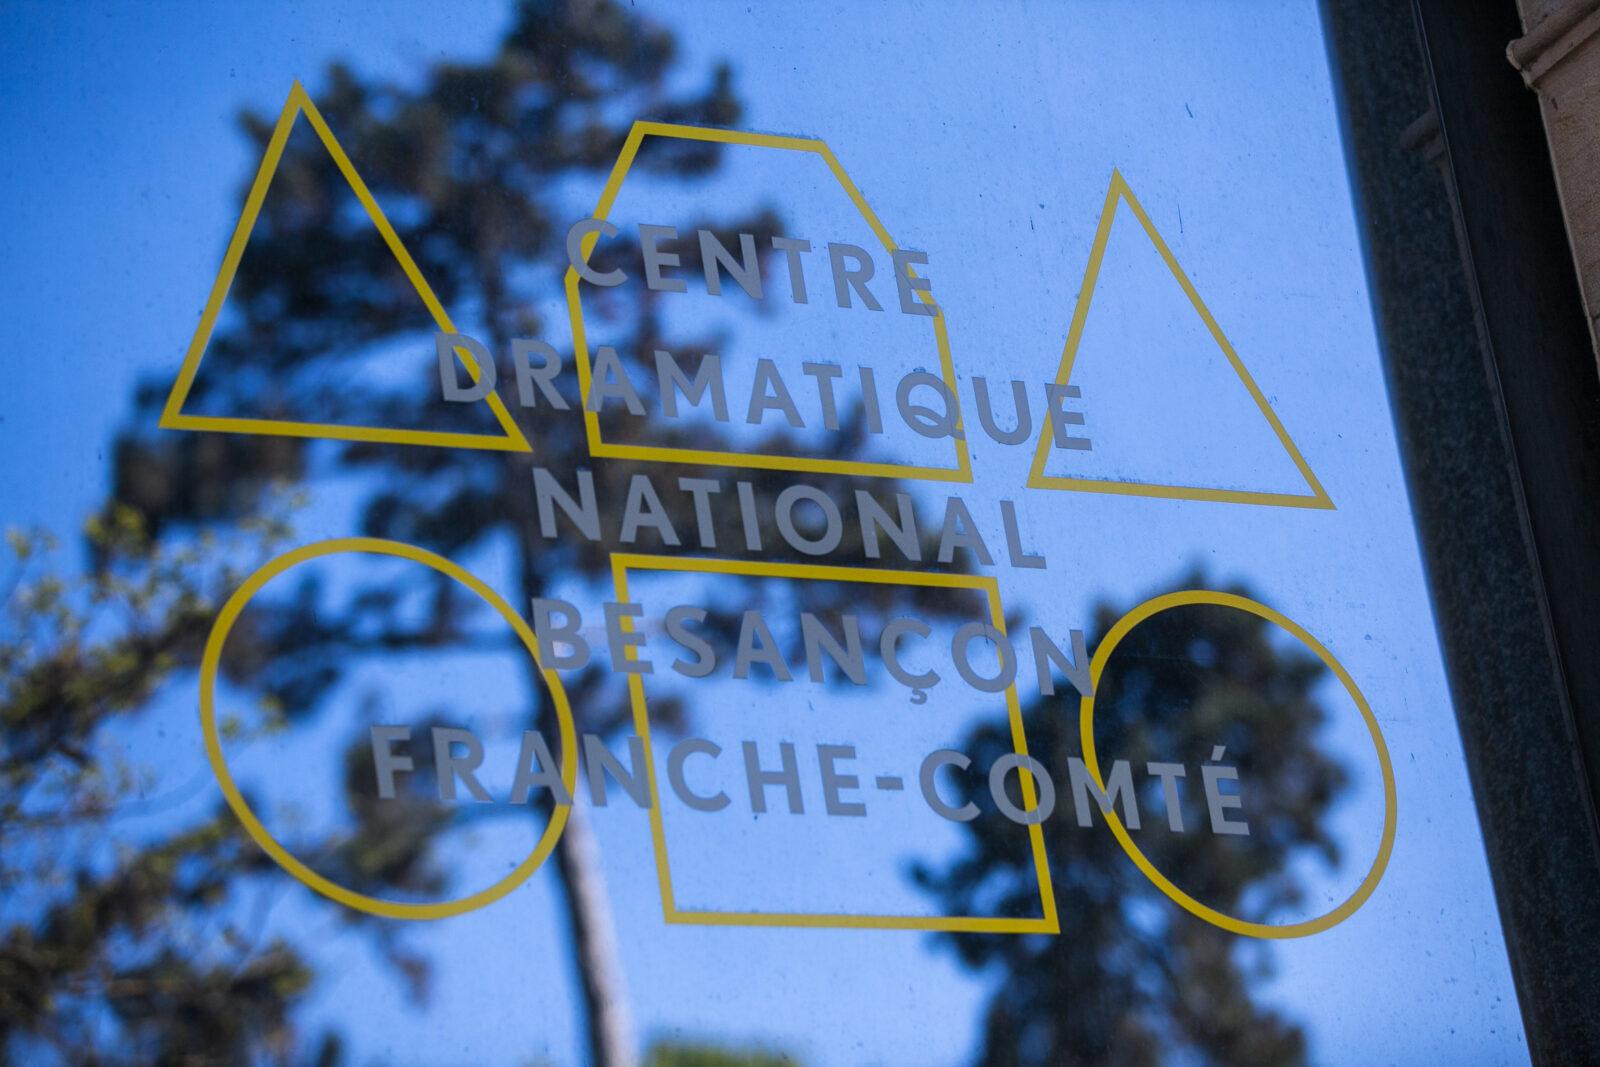 centre dramaturgique national besançon franche-comté